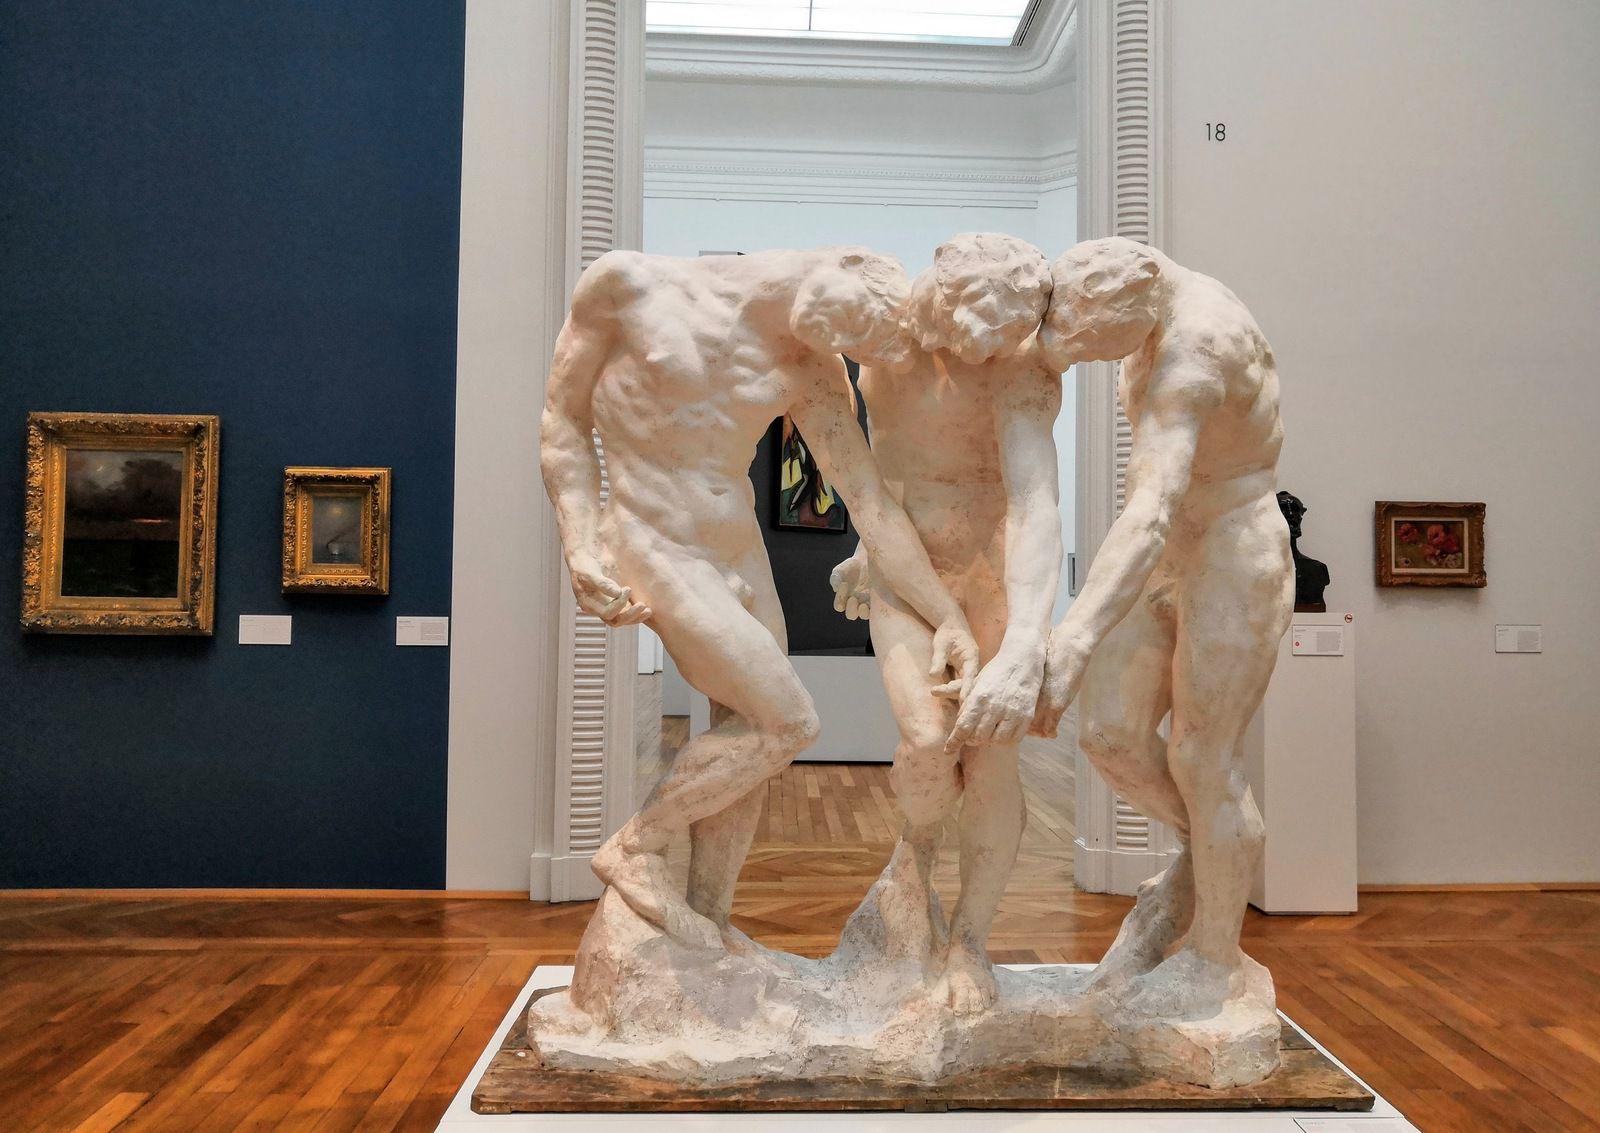 Auguste Rodin, les trois Ombres, Vers 1880-1886, Plâtre modèle probablement réalisé à partir de trois épreuves tirées d'un moule de la Grande Ombre, assemblées sur une même base